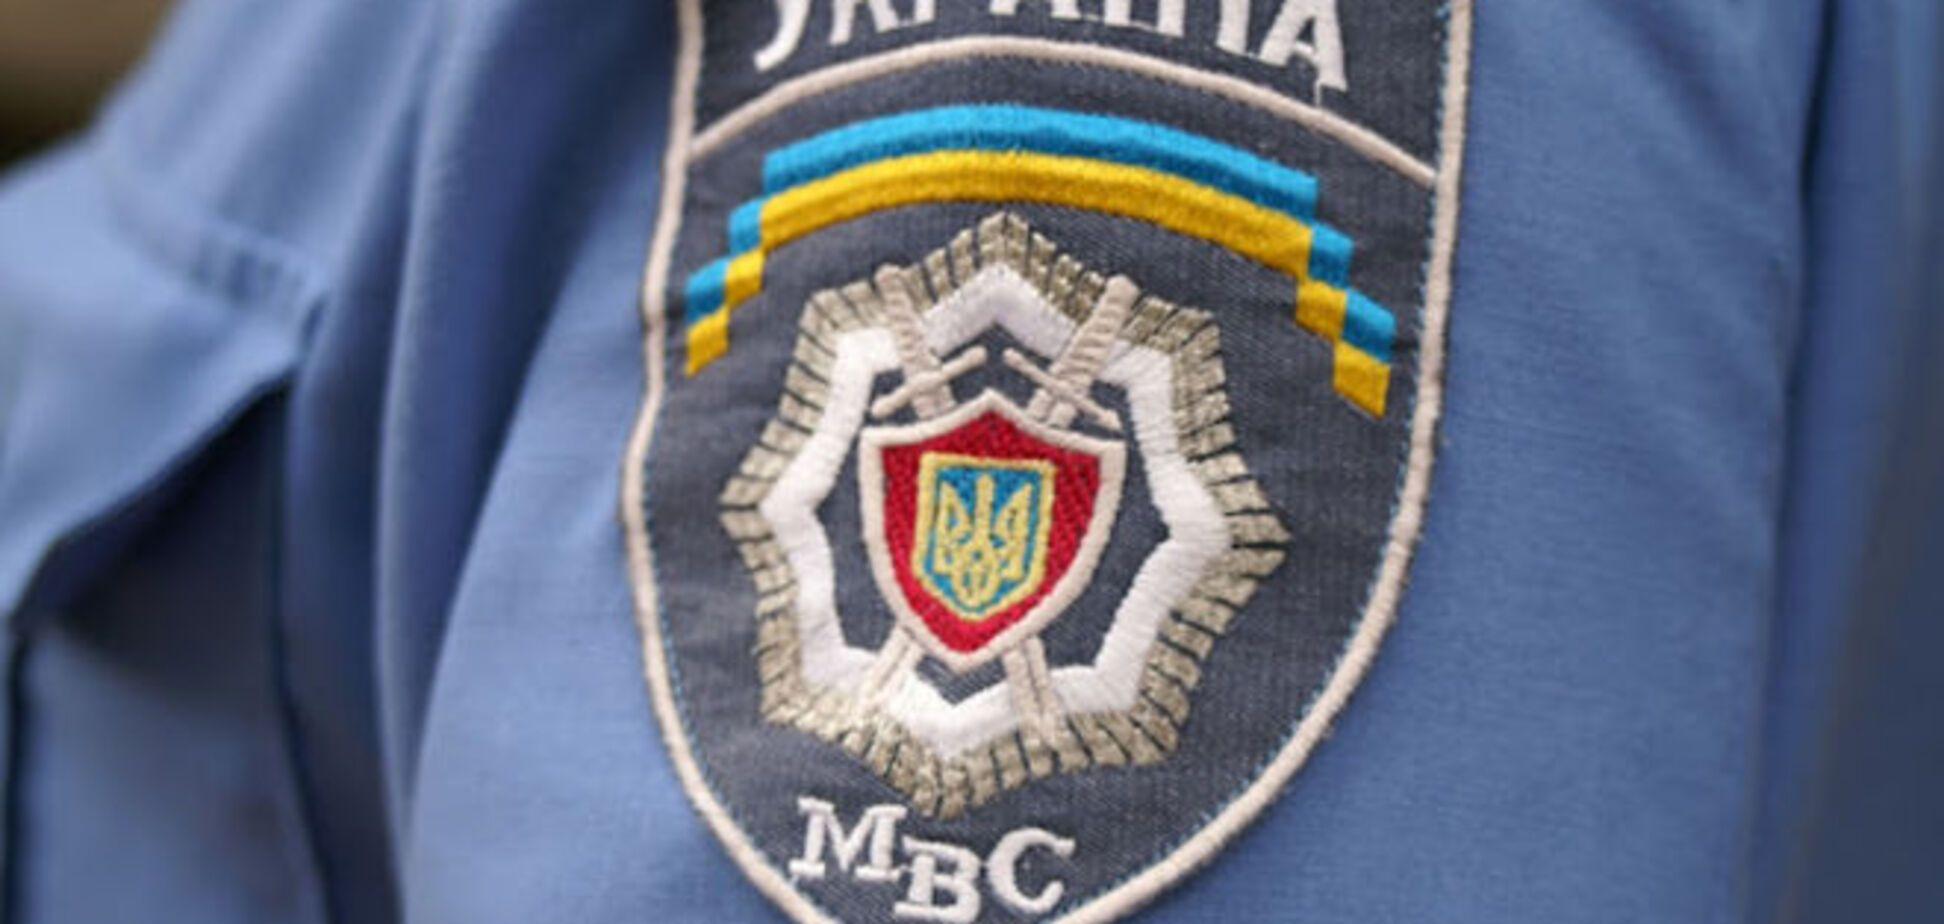 МВС зайнялося бійкою 'людей у ??камуфляжі' з підприємцем в Києві